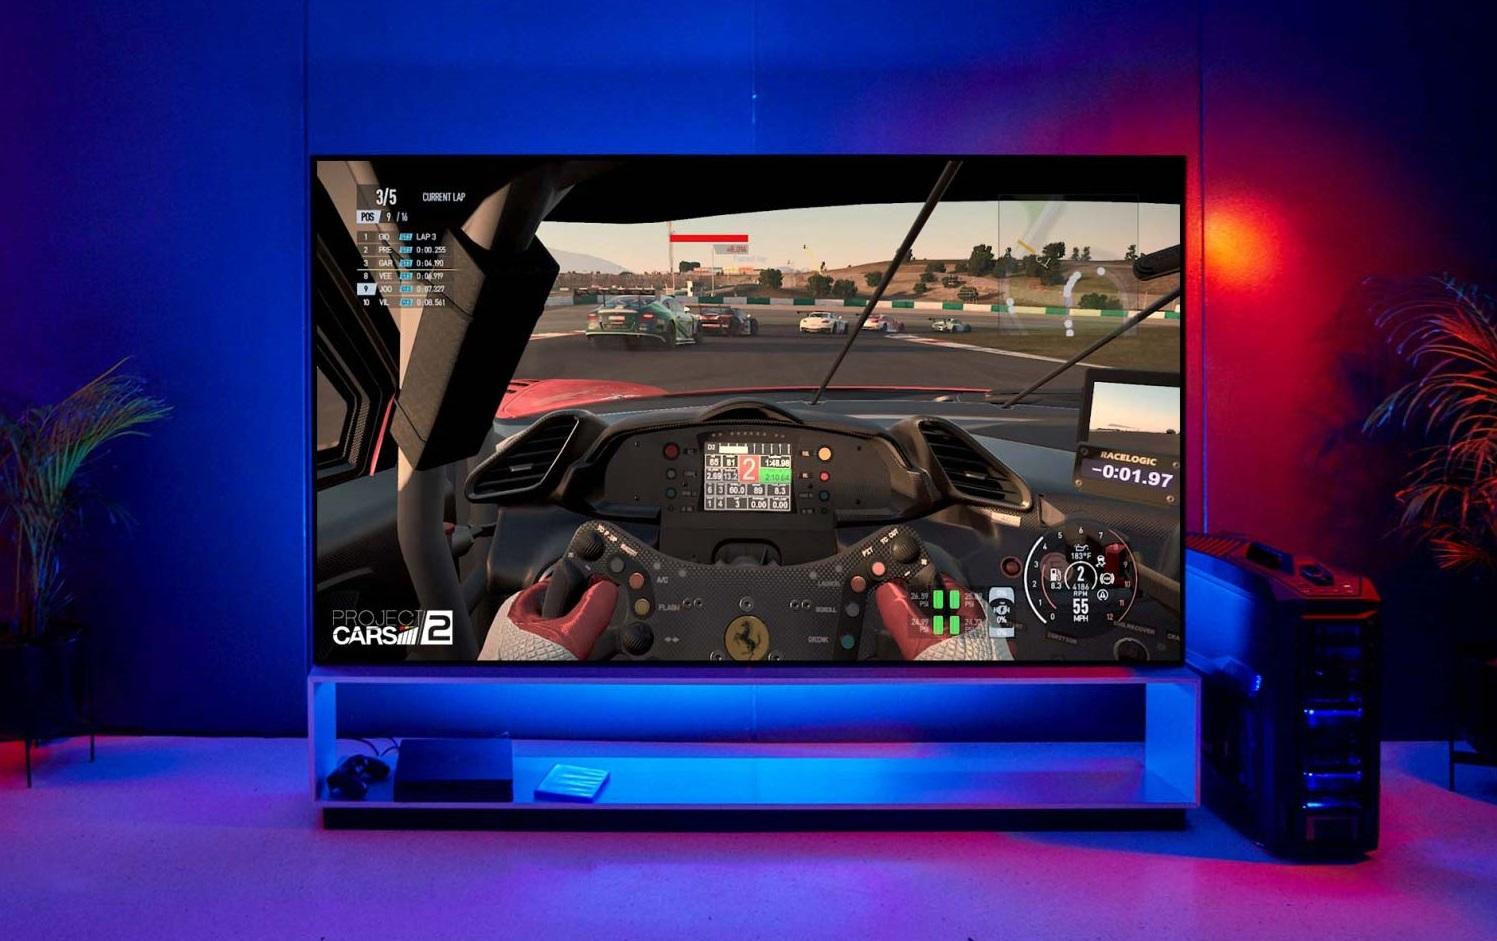 LGвыпустила вРоссии 88-дюймовый 8К-телевизор за2,5 млн рублей